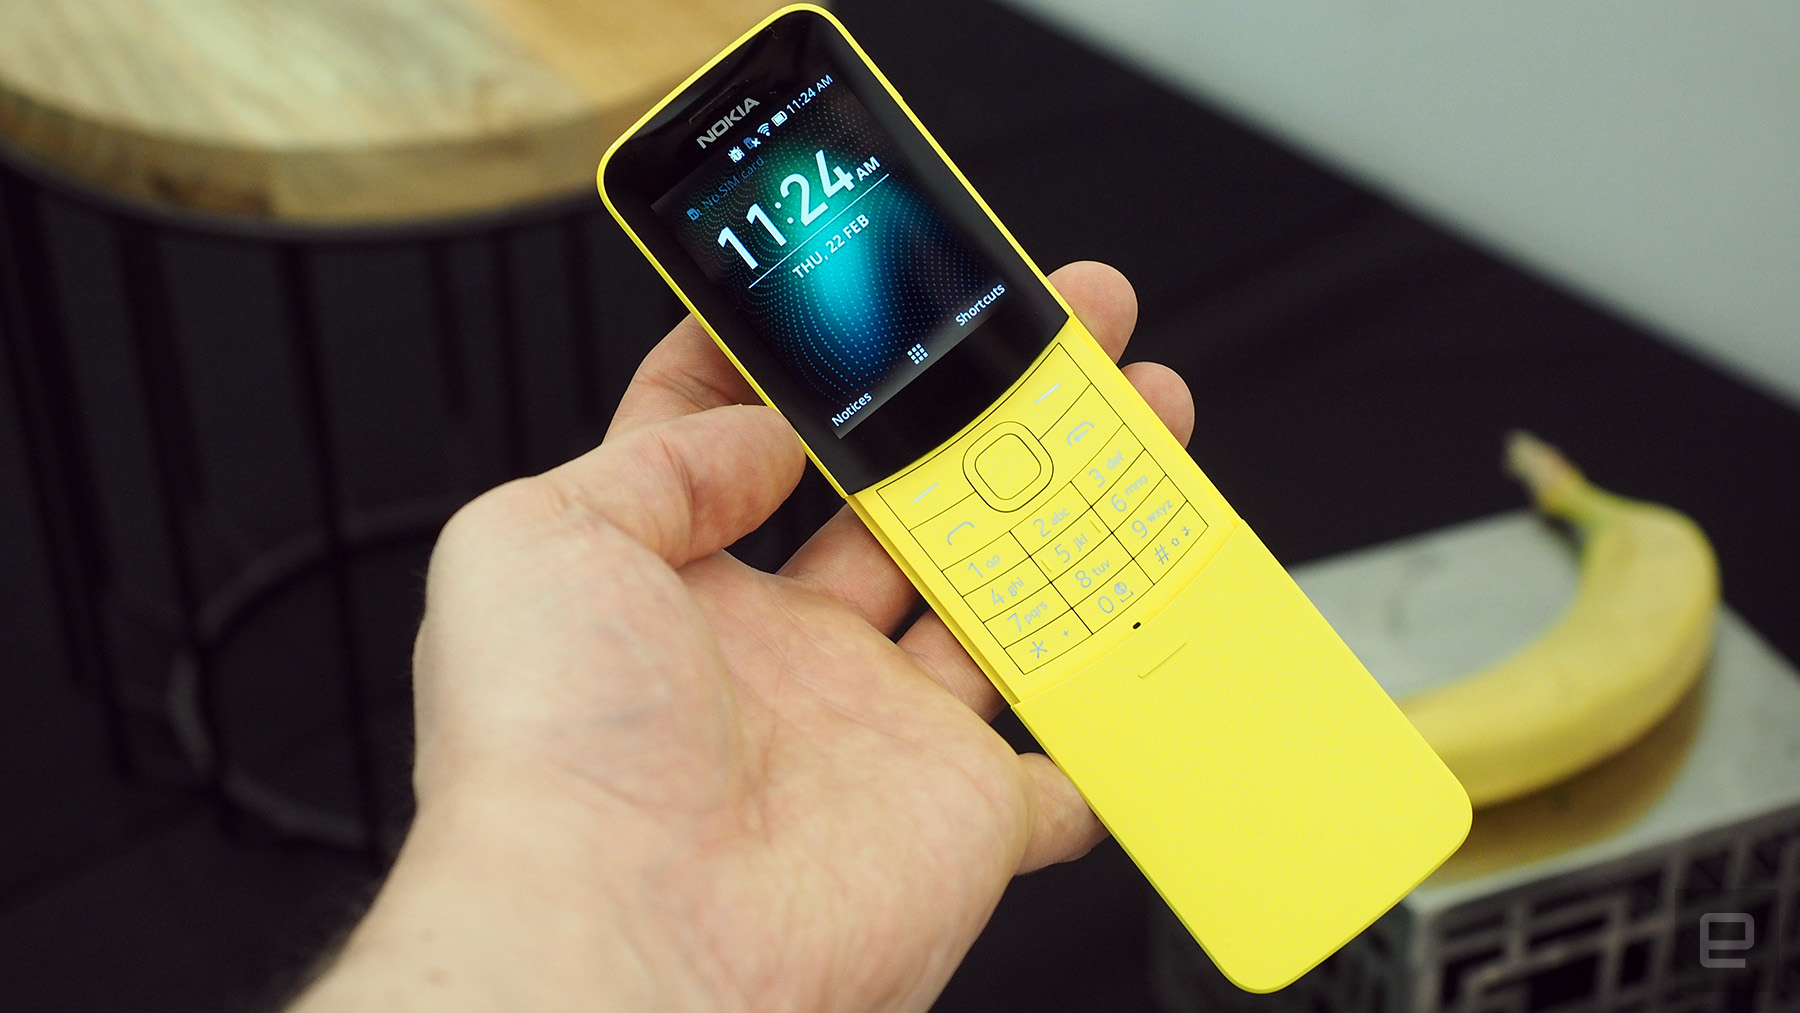 Nokia 8110 4G đang giảm giá chỉ còn 660.000 VND, nhanh tay kẻo hết